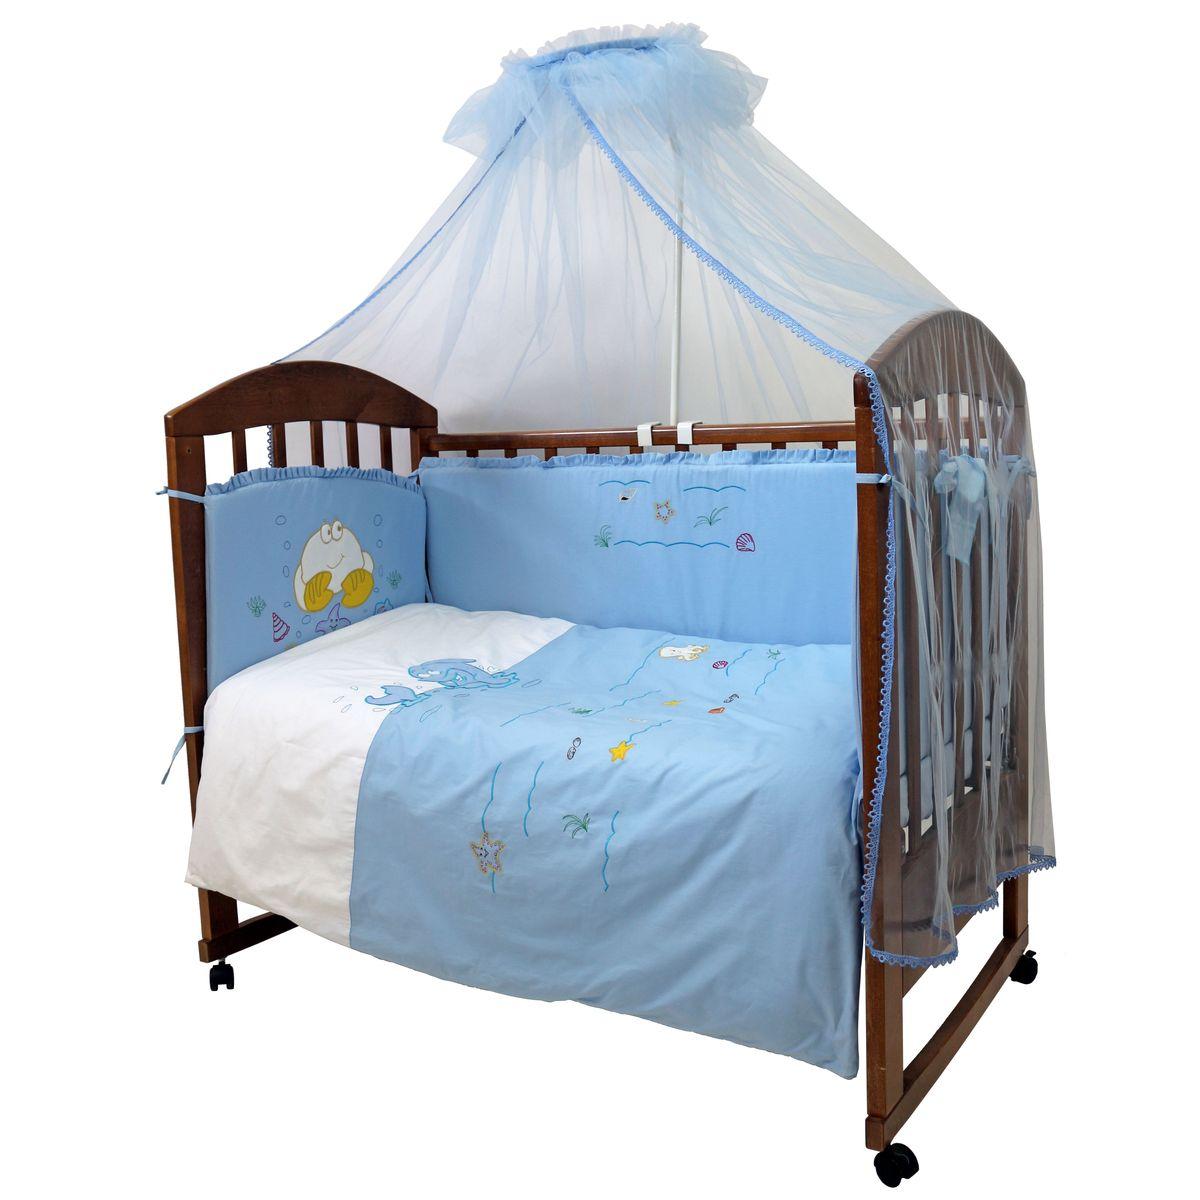 Топотушки Комплект детского постельного белья На волне цвет голубой 7 предметов4630008876183Комплект постельного белья из 7 предметов включает все необходимые элементы для детской кроватки. Комплект создает для Вашего ребенка уют, комфорт и безопасную среду с рождения; современный дизайн и цветовые сочетания помогают ребенку адаптироваться в новом для него мире. Комплекты «Топотушки» хорошо вписываются в интерьер как детской комнаты, так и спальни родителей. Как и все изделия «Топотушки» данный комплект отражает самые последние технологии, является безопасным для малыша и экологичным. Российское происхождение комплекта гарантирует стабильно высокое качество, соответствие актуальным пожеланиям потребителей, конкурентоспособную цену. Балдахин 3м (сетка); охранный бампер 360х40см. (из 4-х частей, наполнитель – холлофайбер); подушка 40х60см. (наполнитель – холлофайбер); одеяло 140х110см. (наполнитель – холлофайбер); наволочка 40х60см; пододеяльник 147х112см; простынь на резинке 120х60см